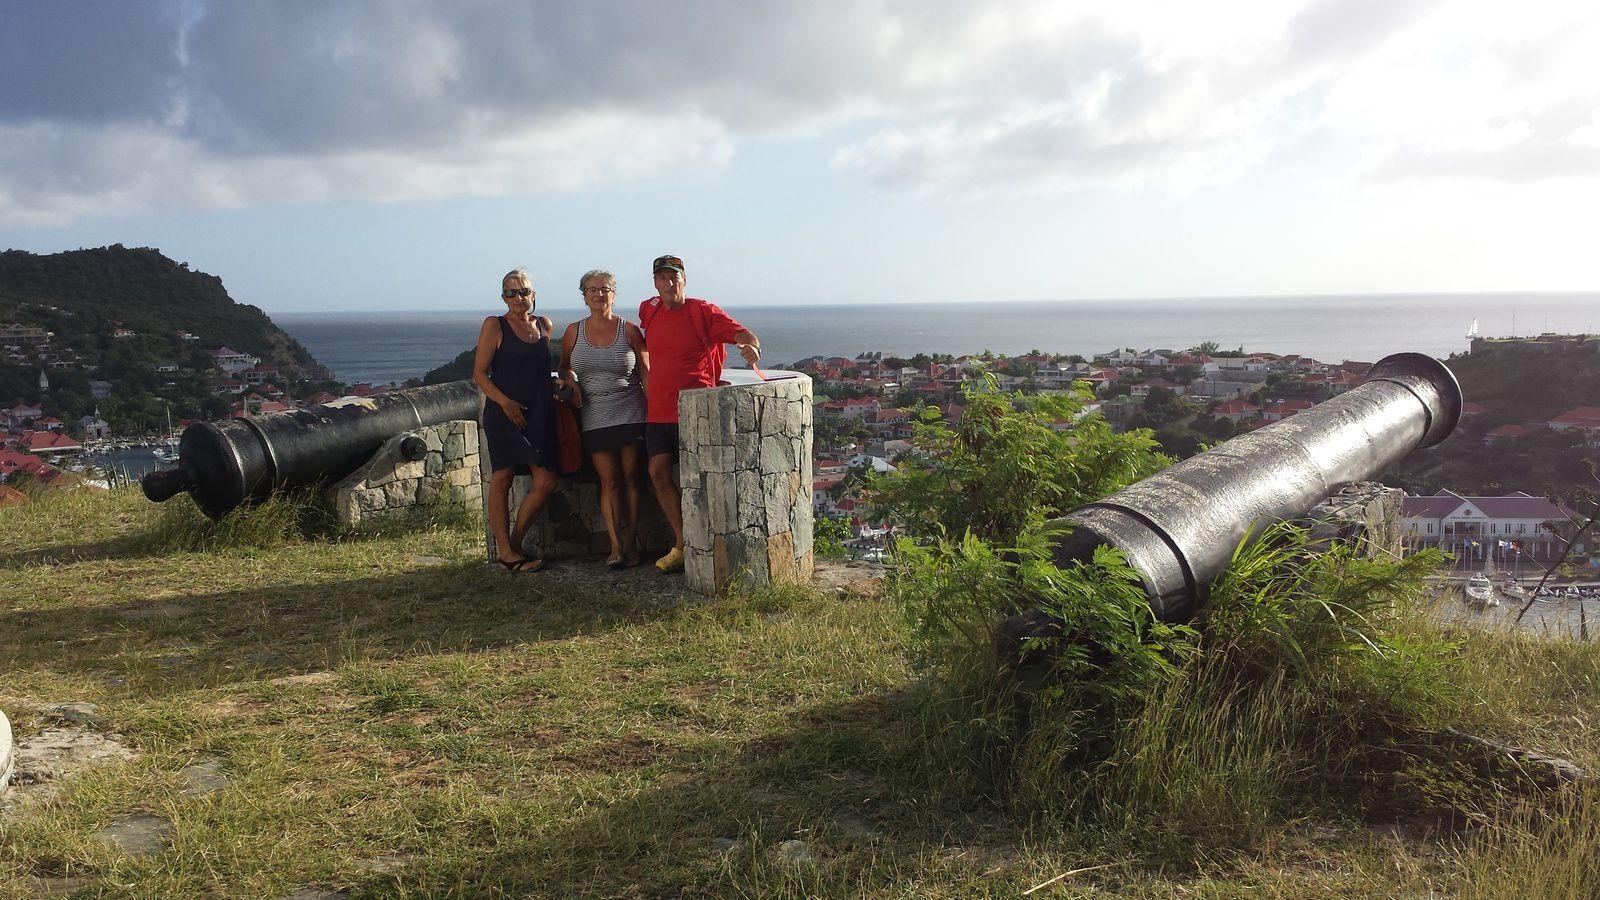 Sur les hauts de Gustavia, près du phare, personnages connus